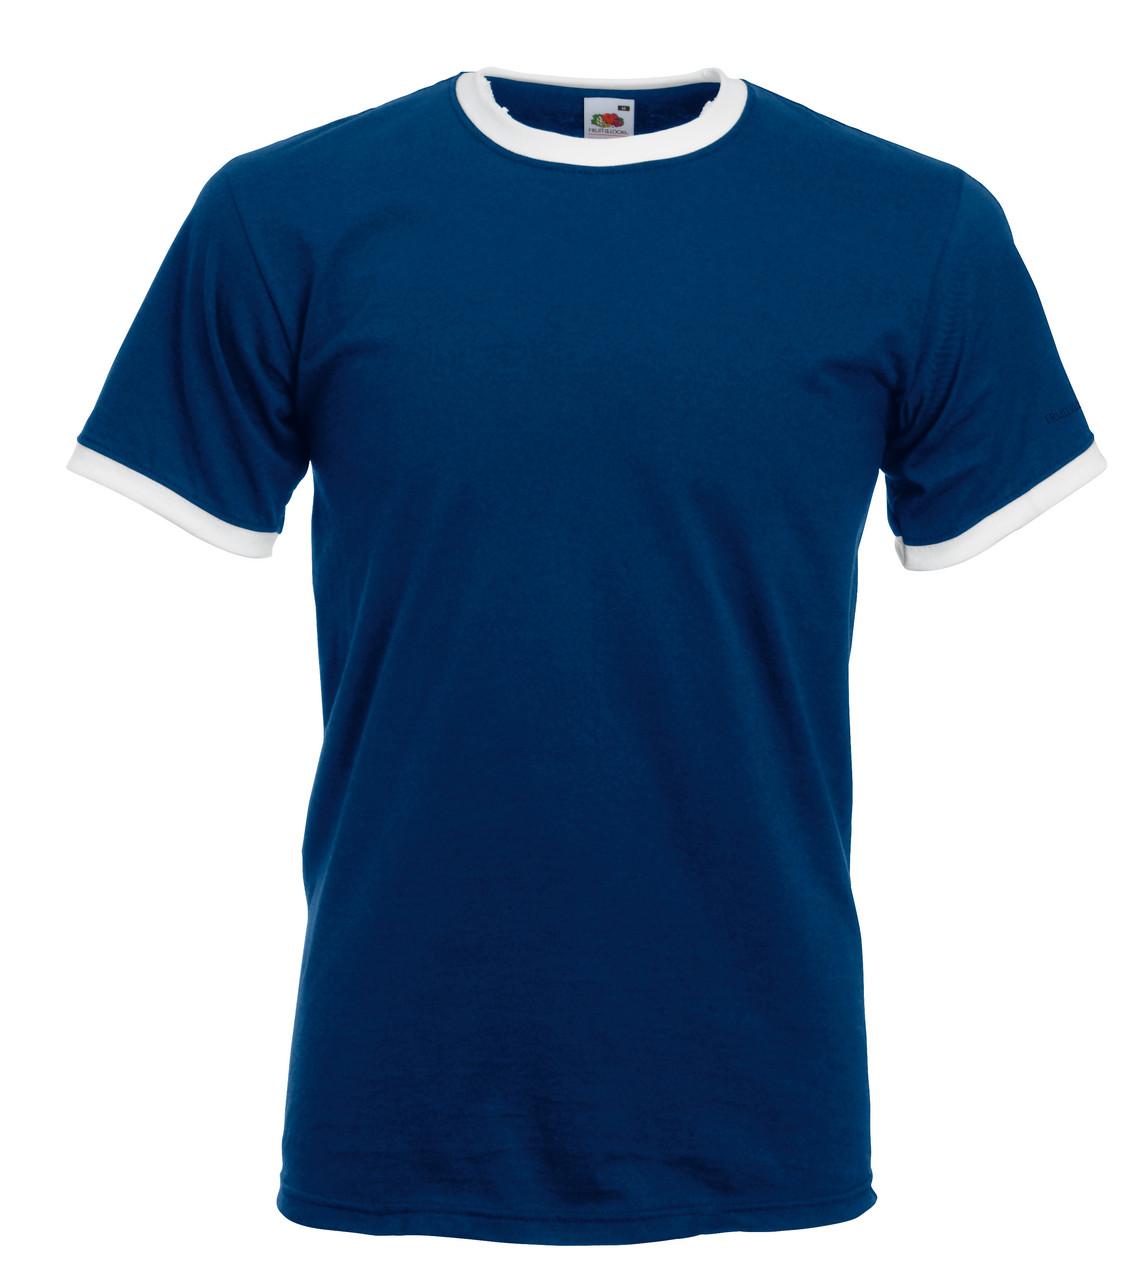 Мужская Футболка с Цветной Окантовкой Fruit of the loom Тёмно-Синий/Белый 61-168-22 L